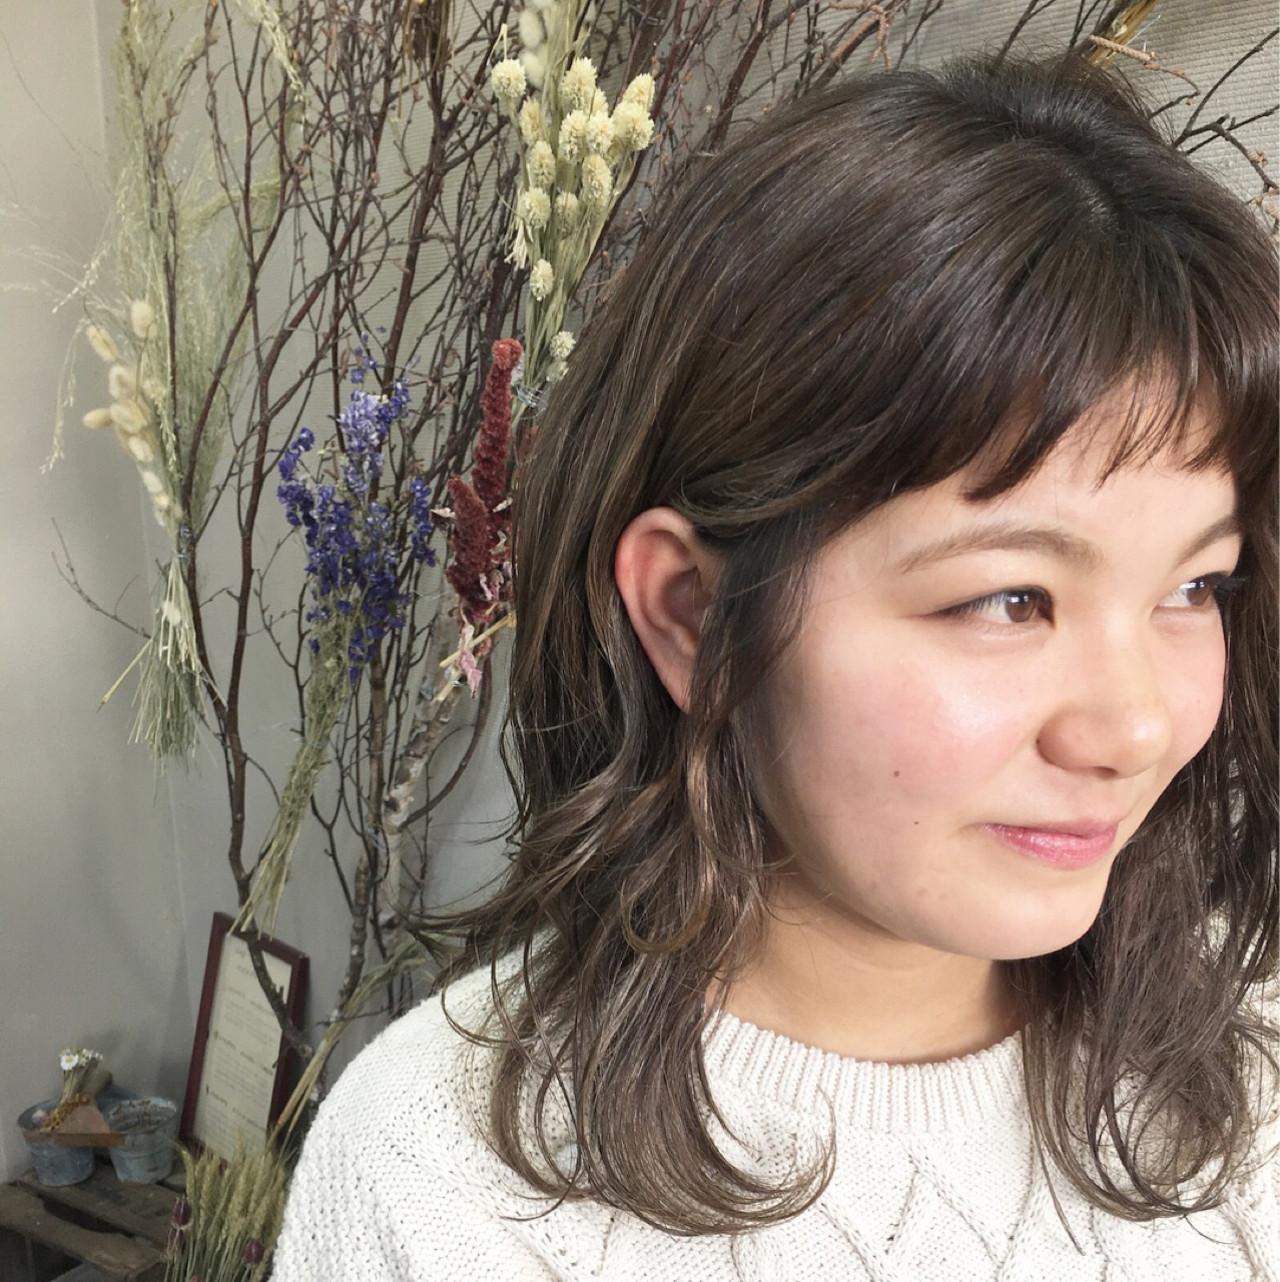 それぞれの髪のコンディションで部分だけでいいかが決まる kazue